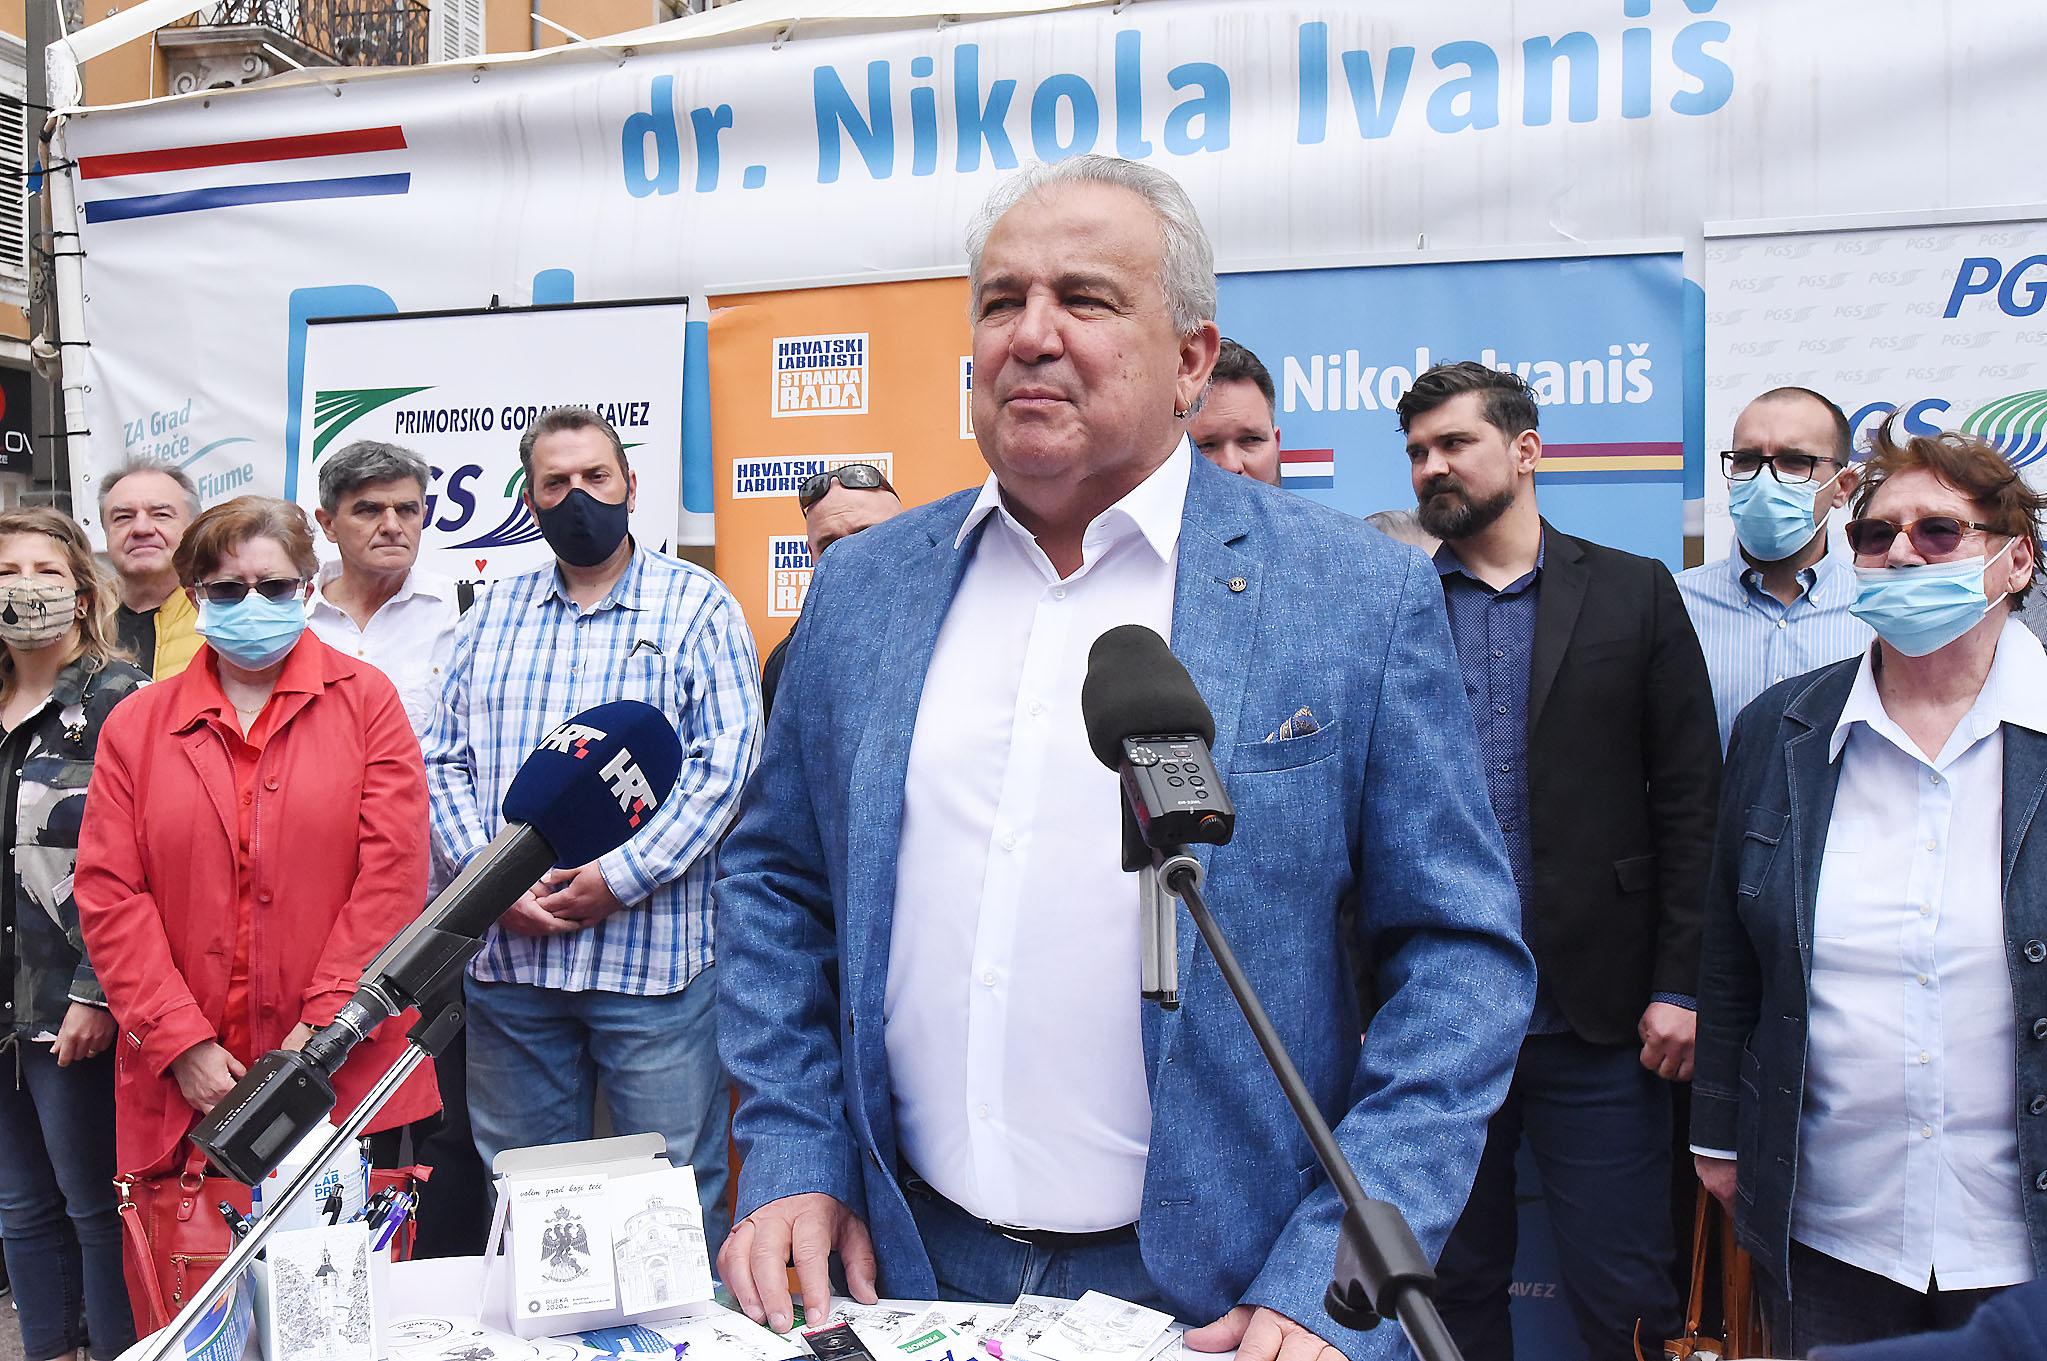 Nikola Ivaniš i suradnici / Foto Sergej Drechsler